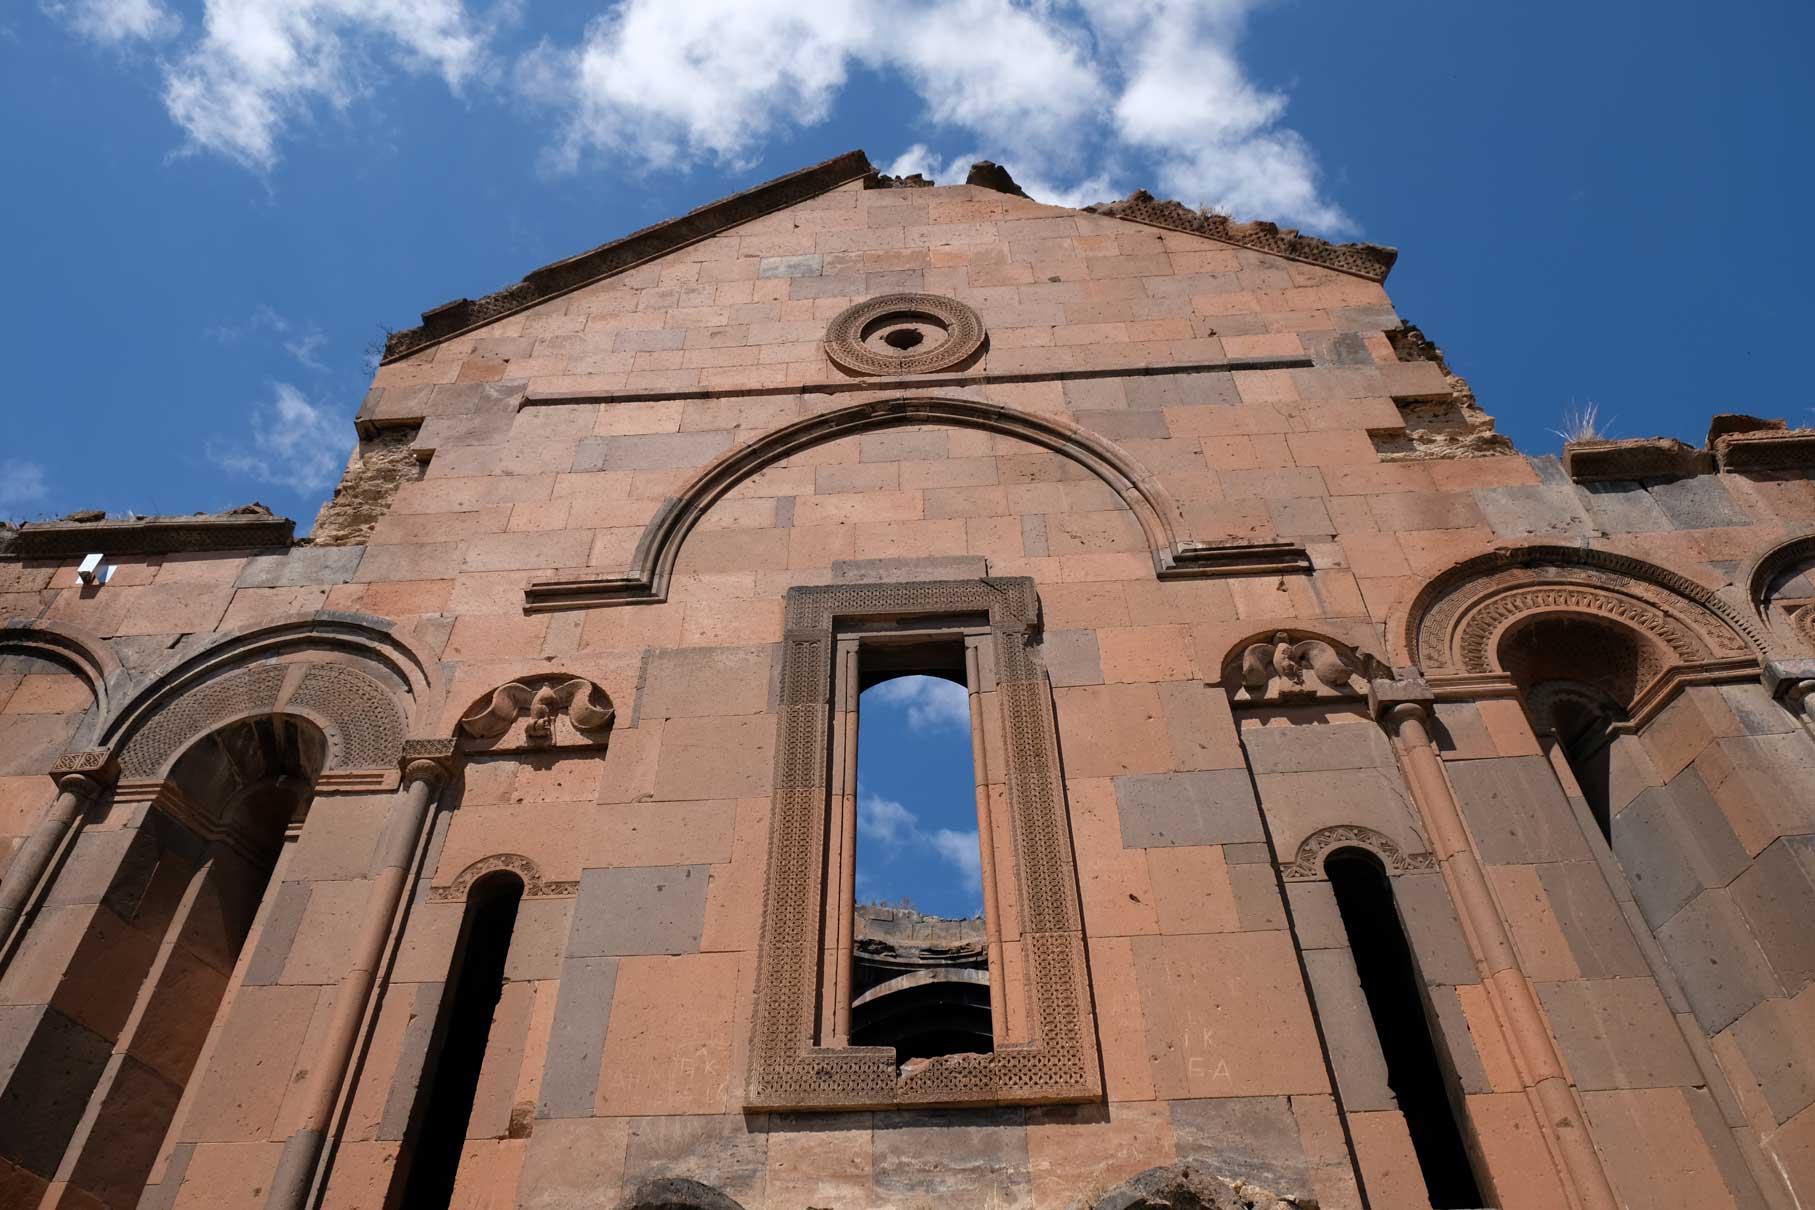 Rotbraune Fassade einer Kirche